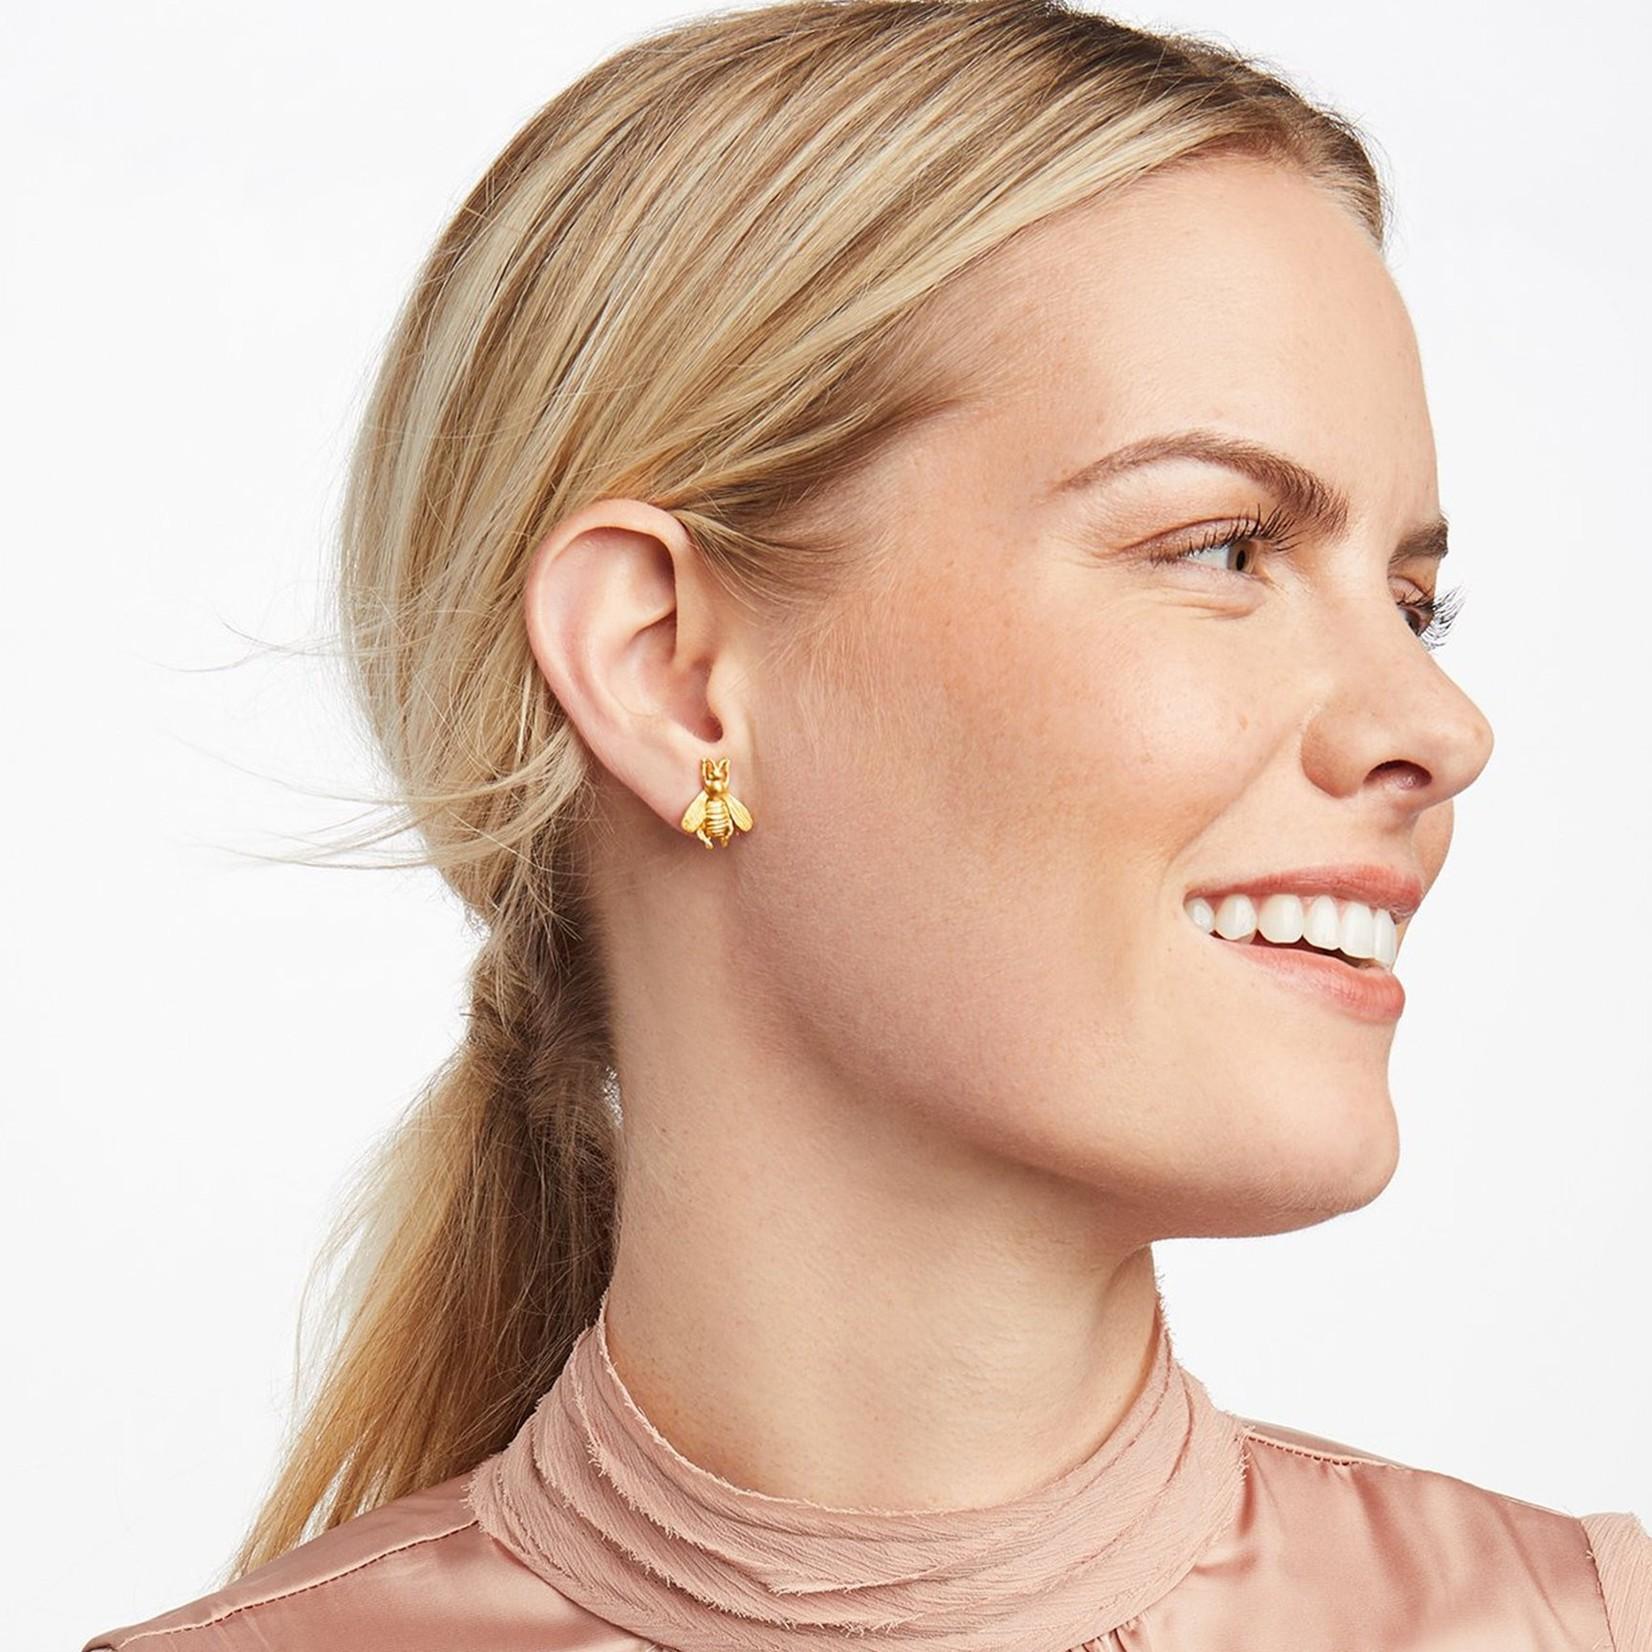 Julie Vos Julie Vos Bee Stud Earrings